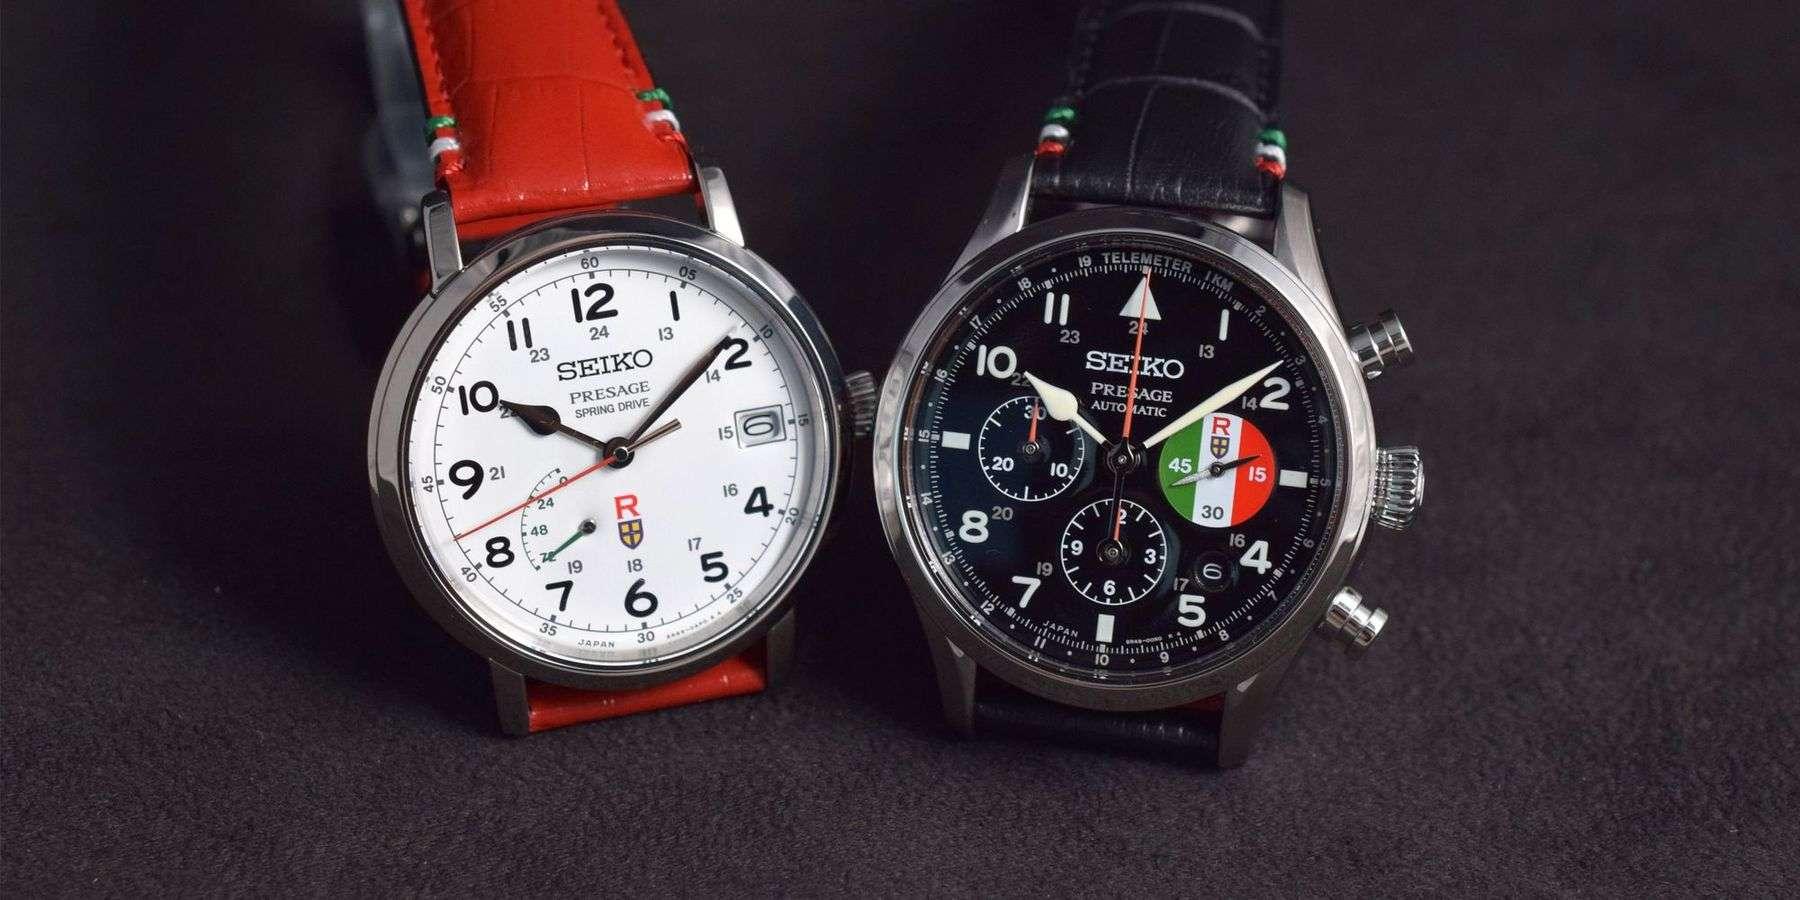 經典聯名:Seiko Presage吉卜力工作室《紅豬》聯名限量版腕錶